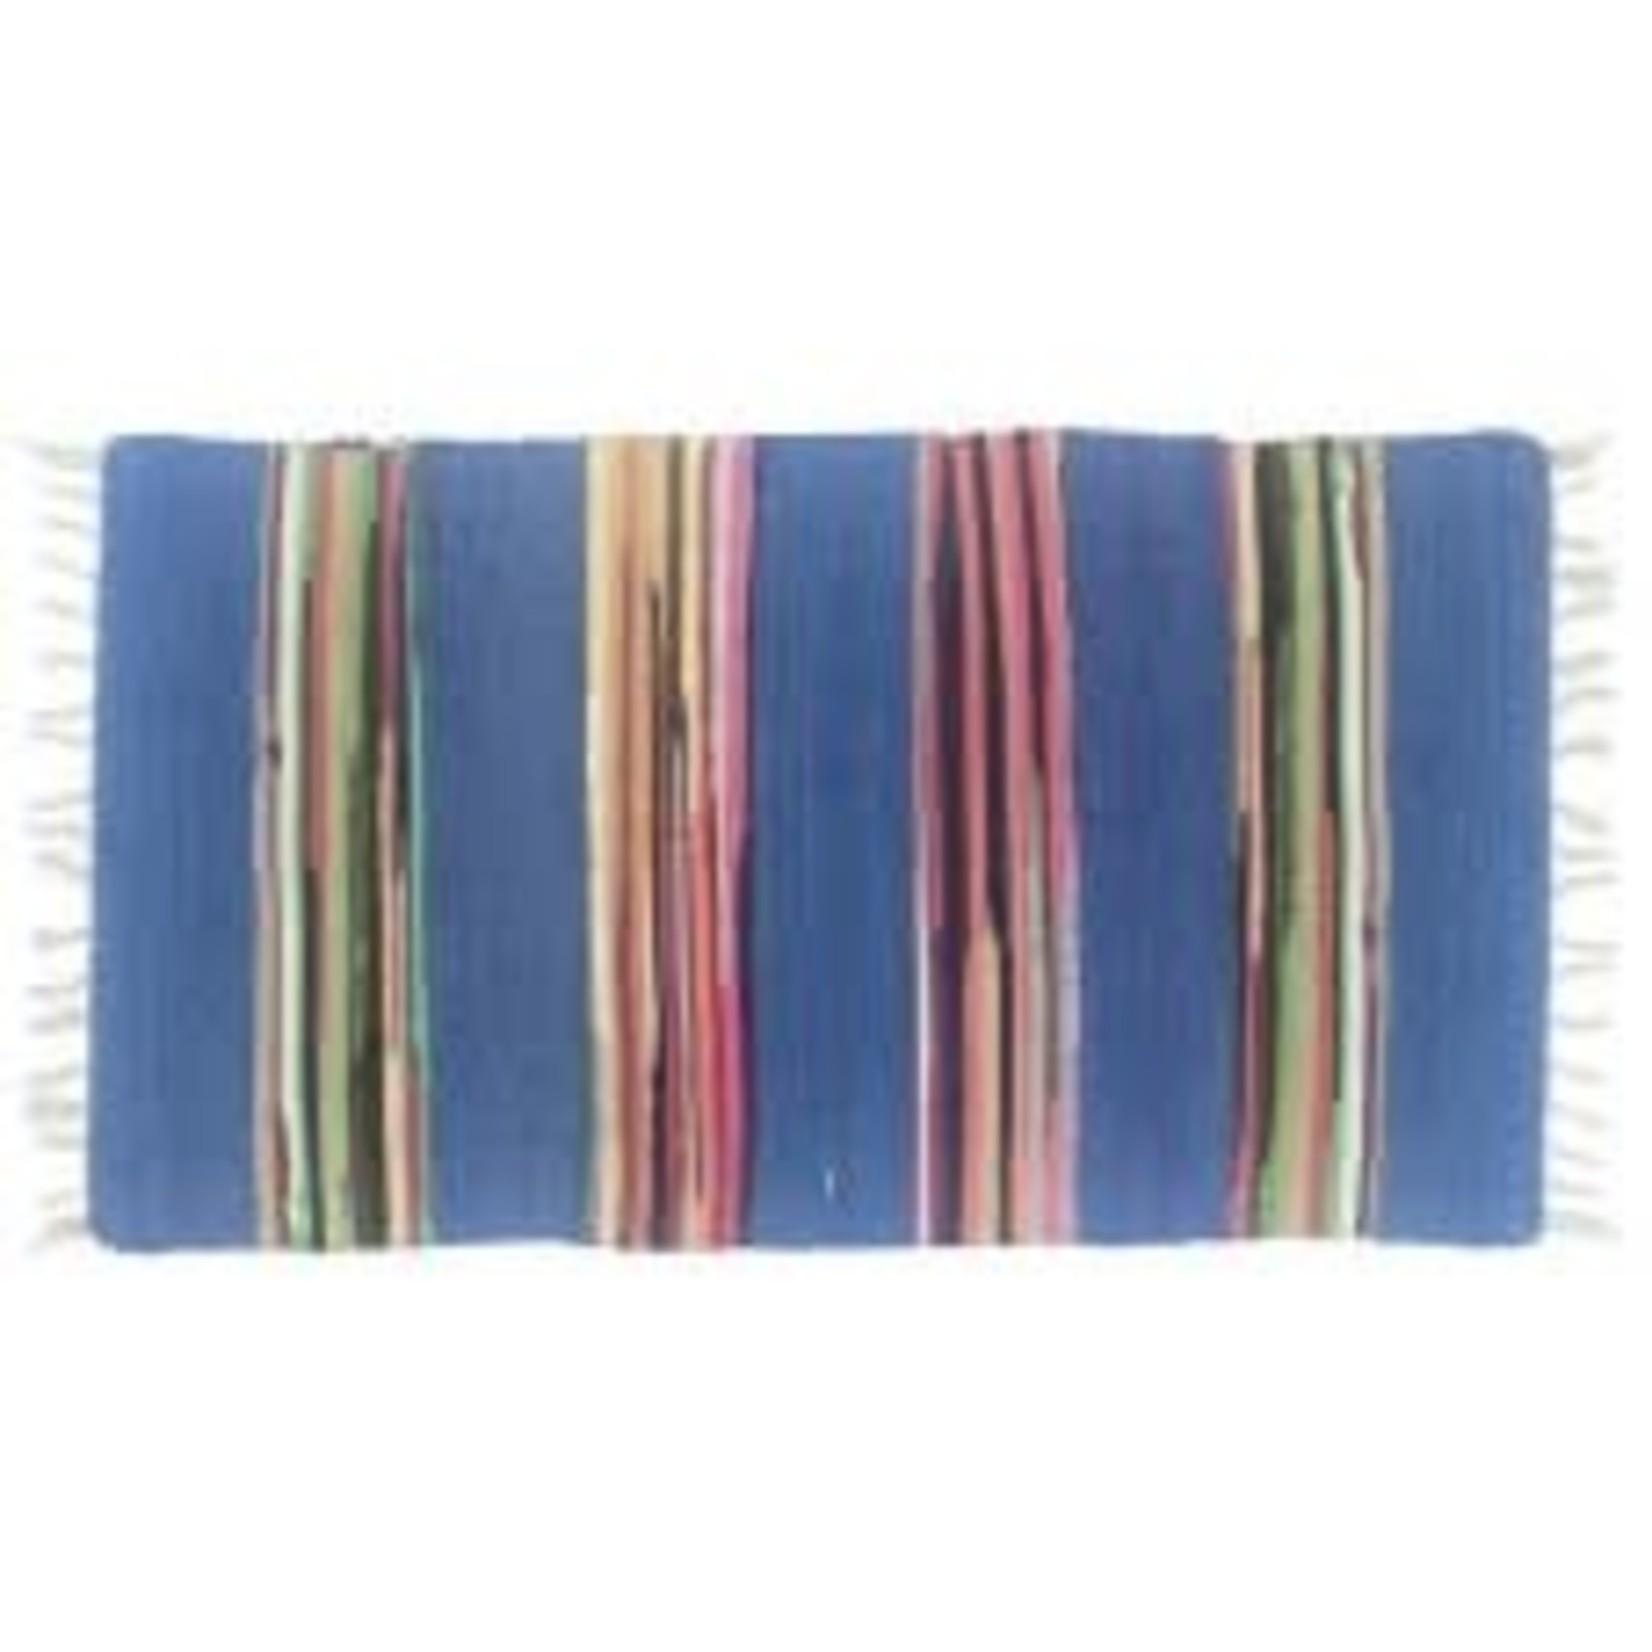 Gajmoti 24x48 Cotton/Chindi blue 53126-blu